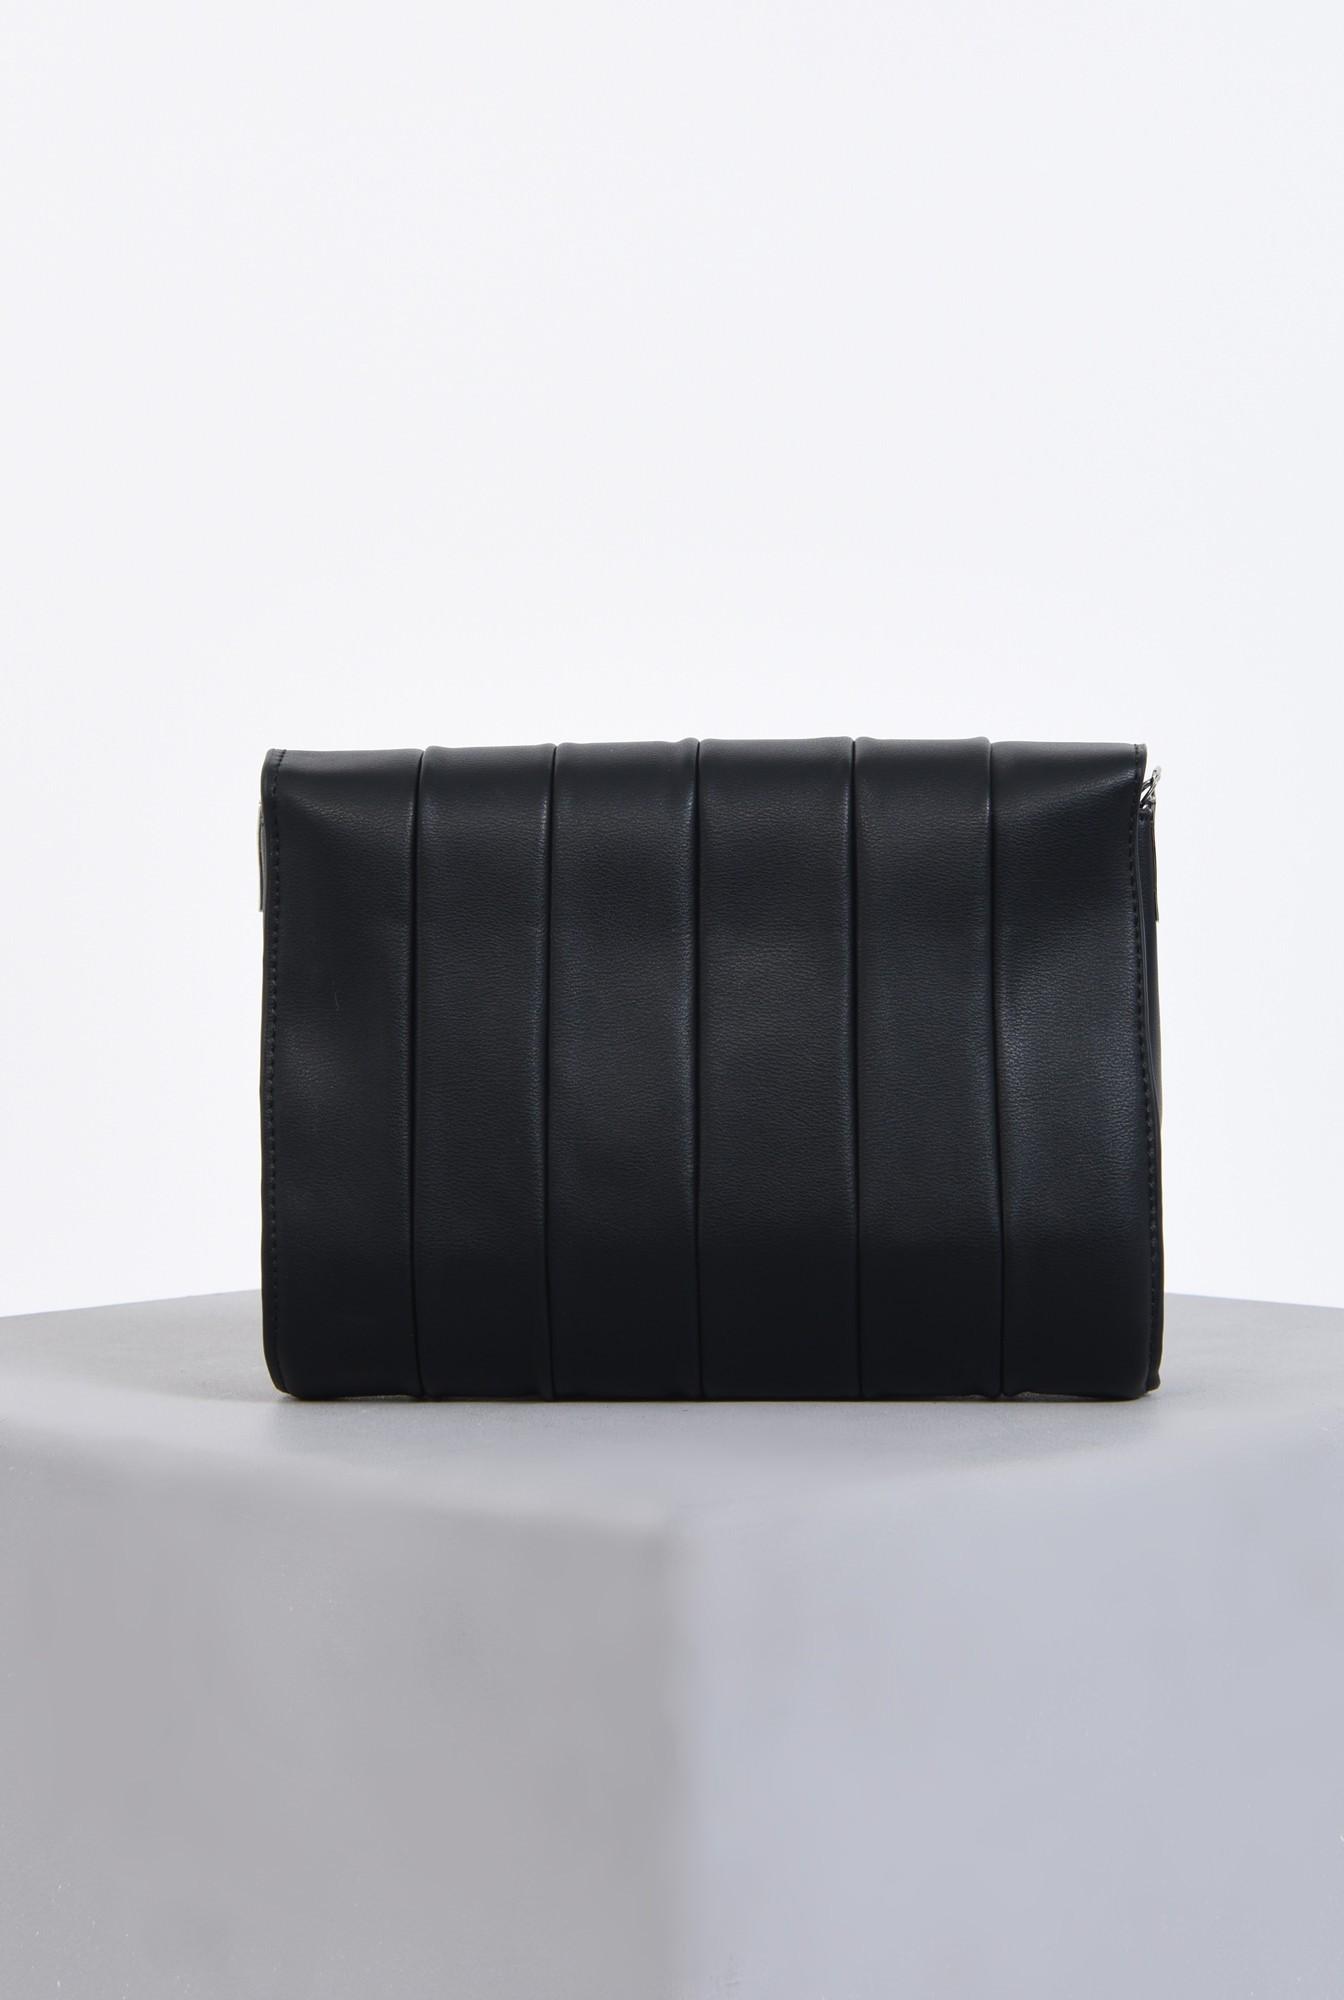 2 - geanta casual, negru, matlasata